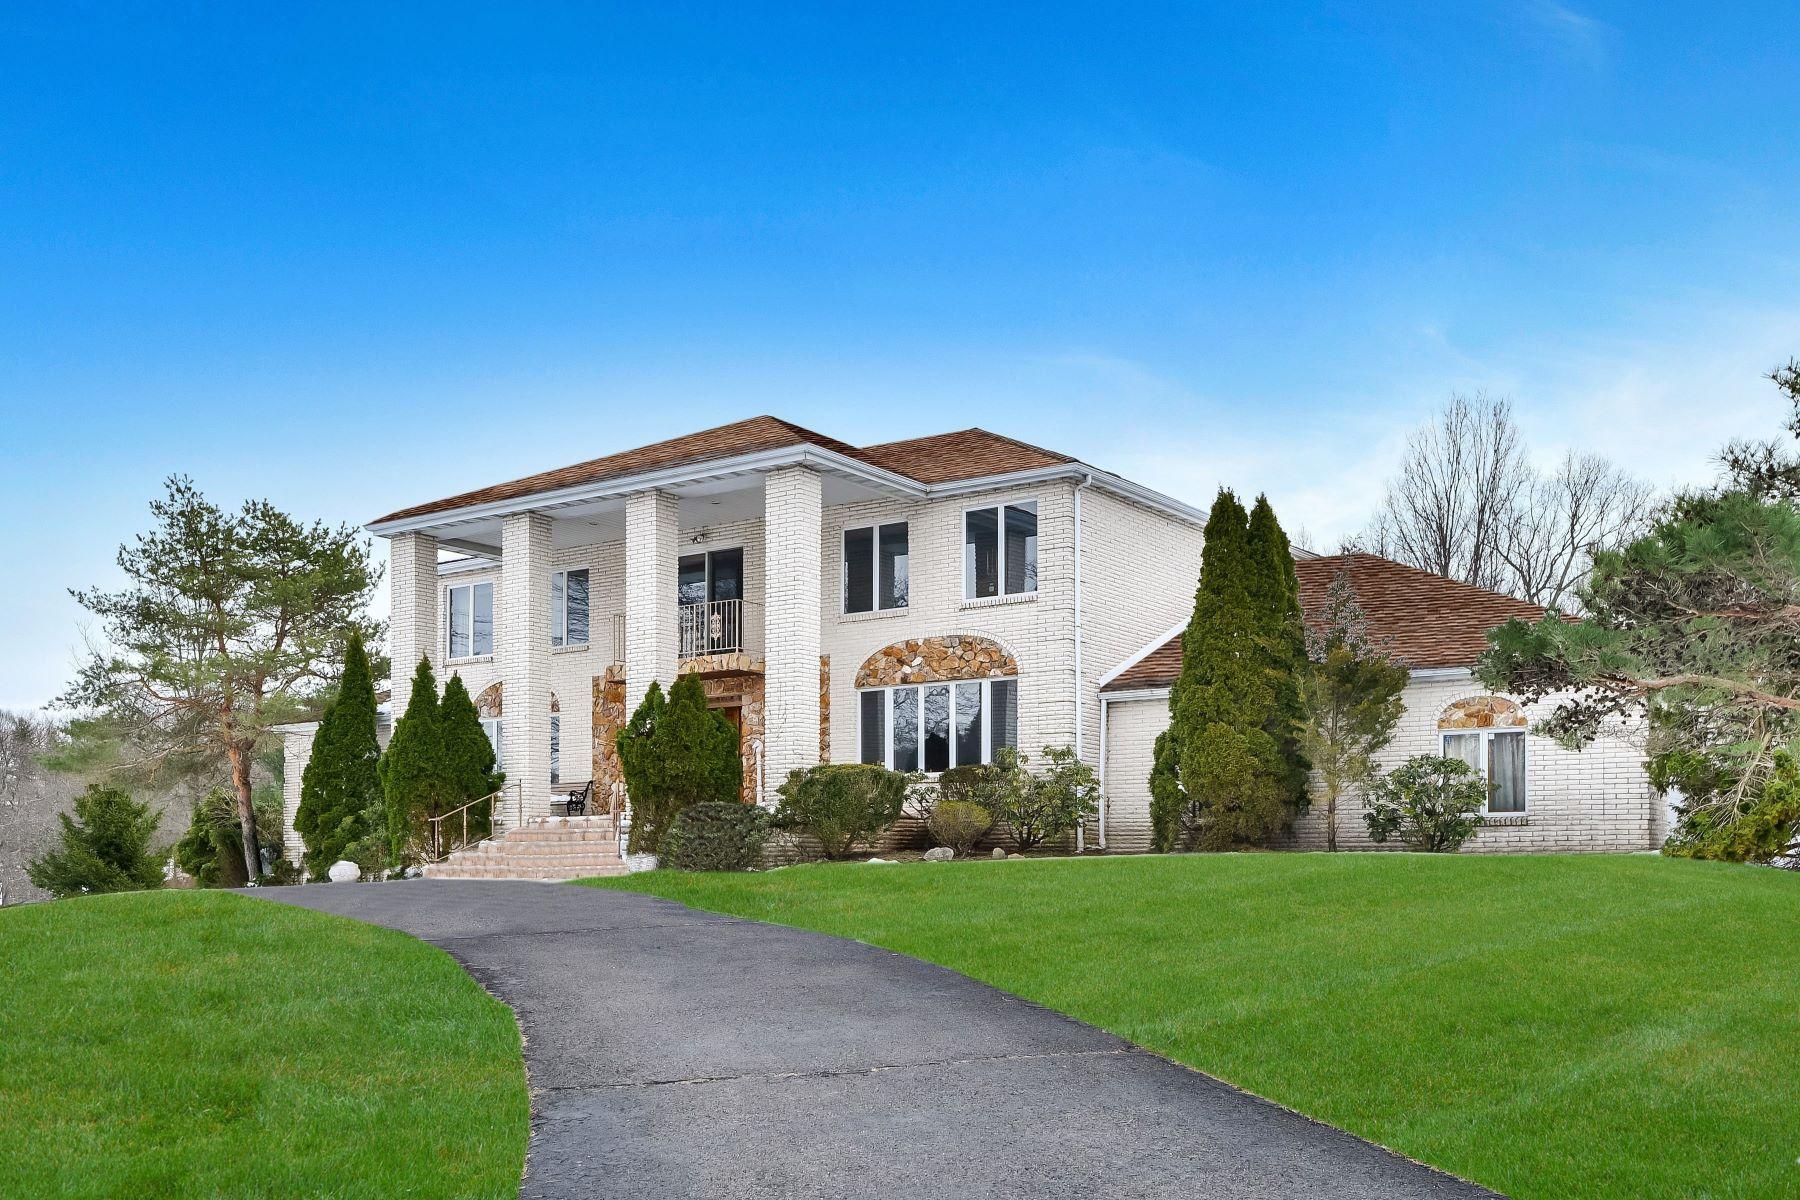 独户住宅 为 销售 在 Prime Location in Cul-de-sac 12 Academy Rd, 凯尤斯, 新泽西州 07423 美国